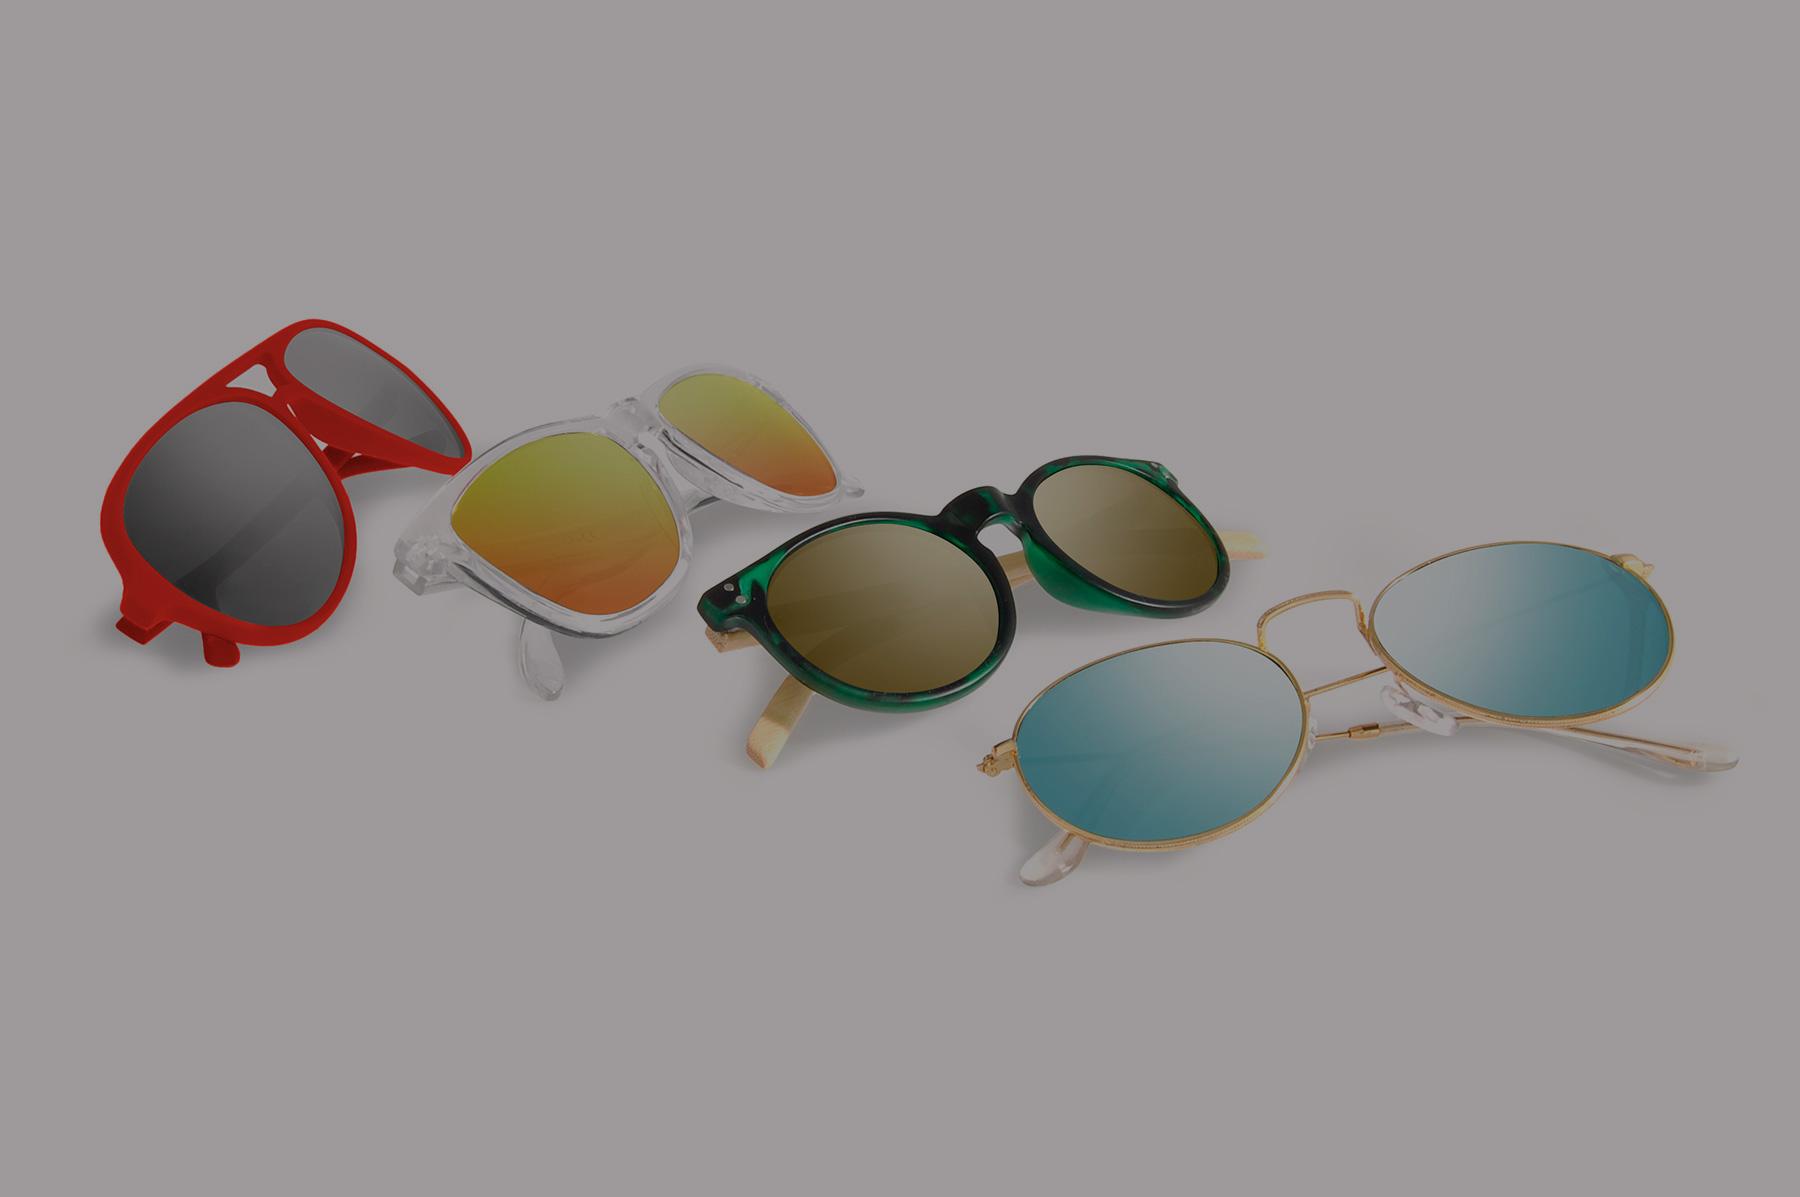 gadget occhiali prodotti